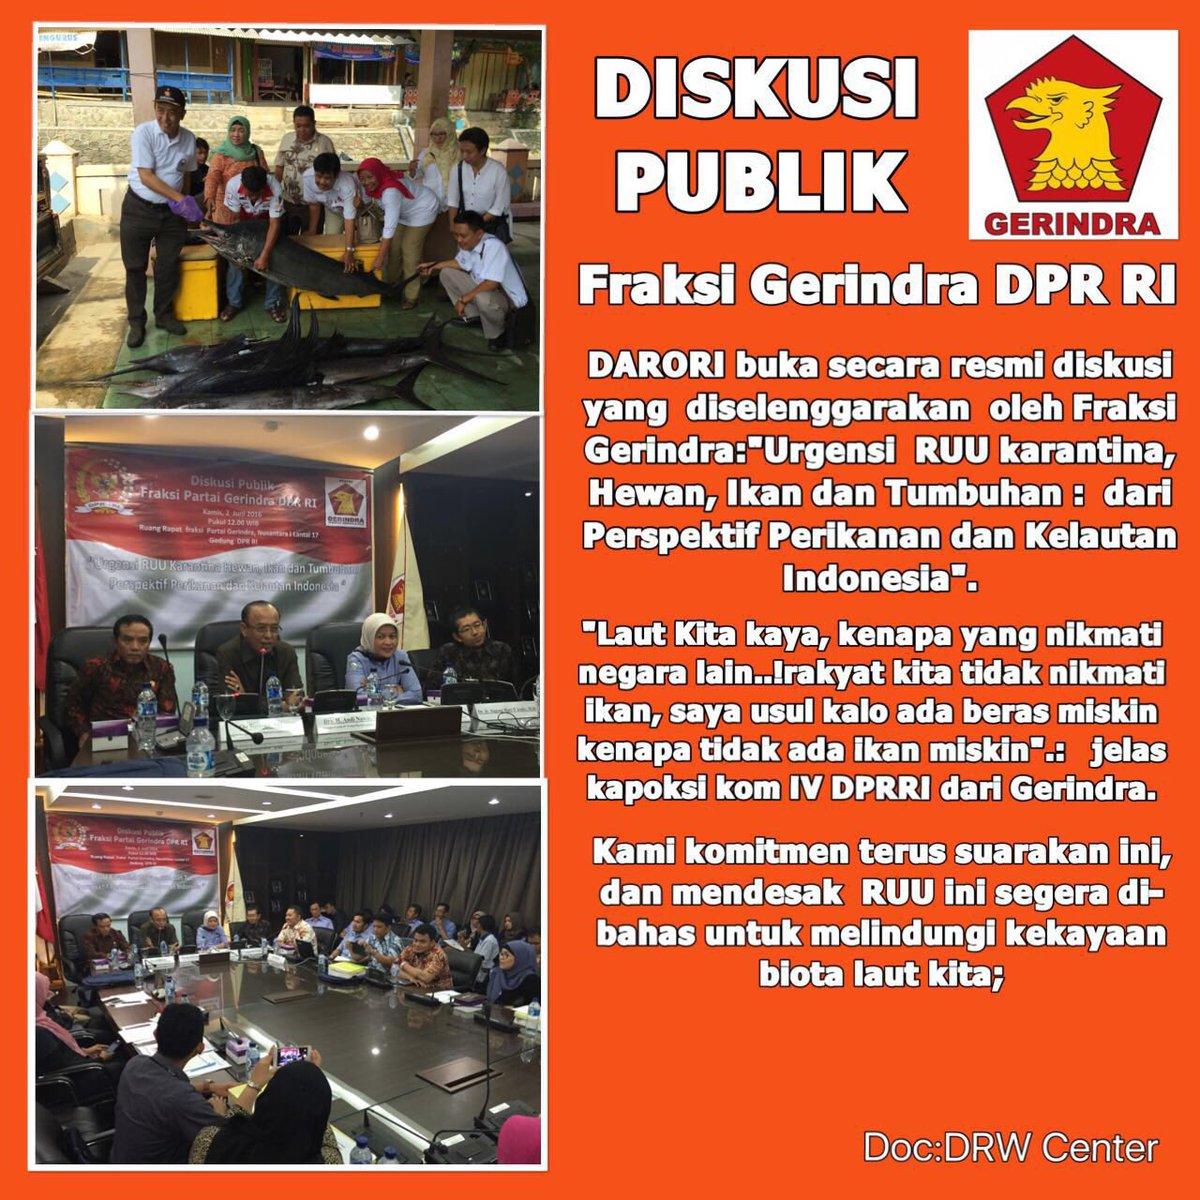 #anggotadprri #komisi4 #gerindra #gerindraindonesia #daroriwonodipuropic.twitter.com/oK3Pg18rgQ